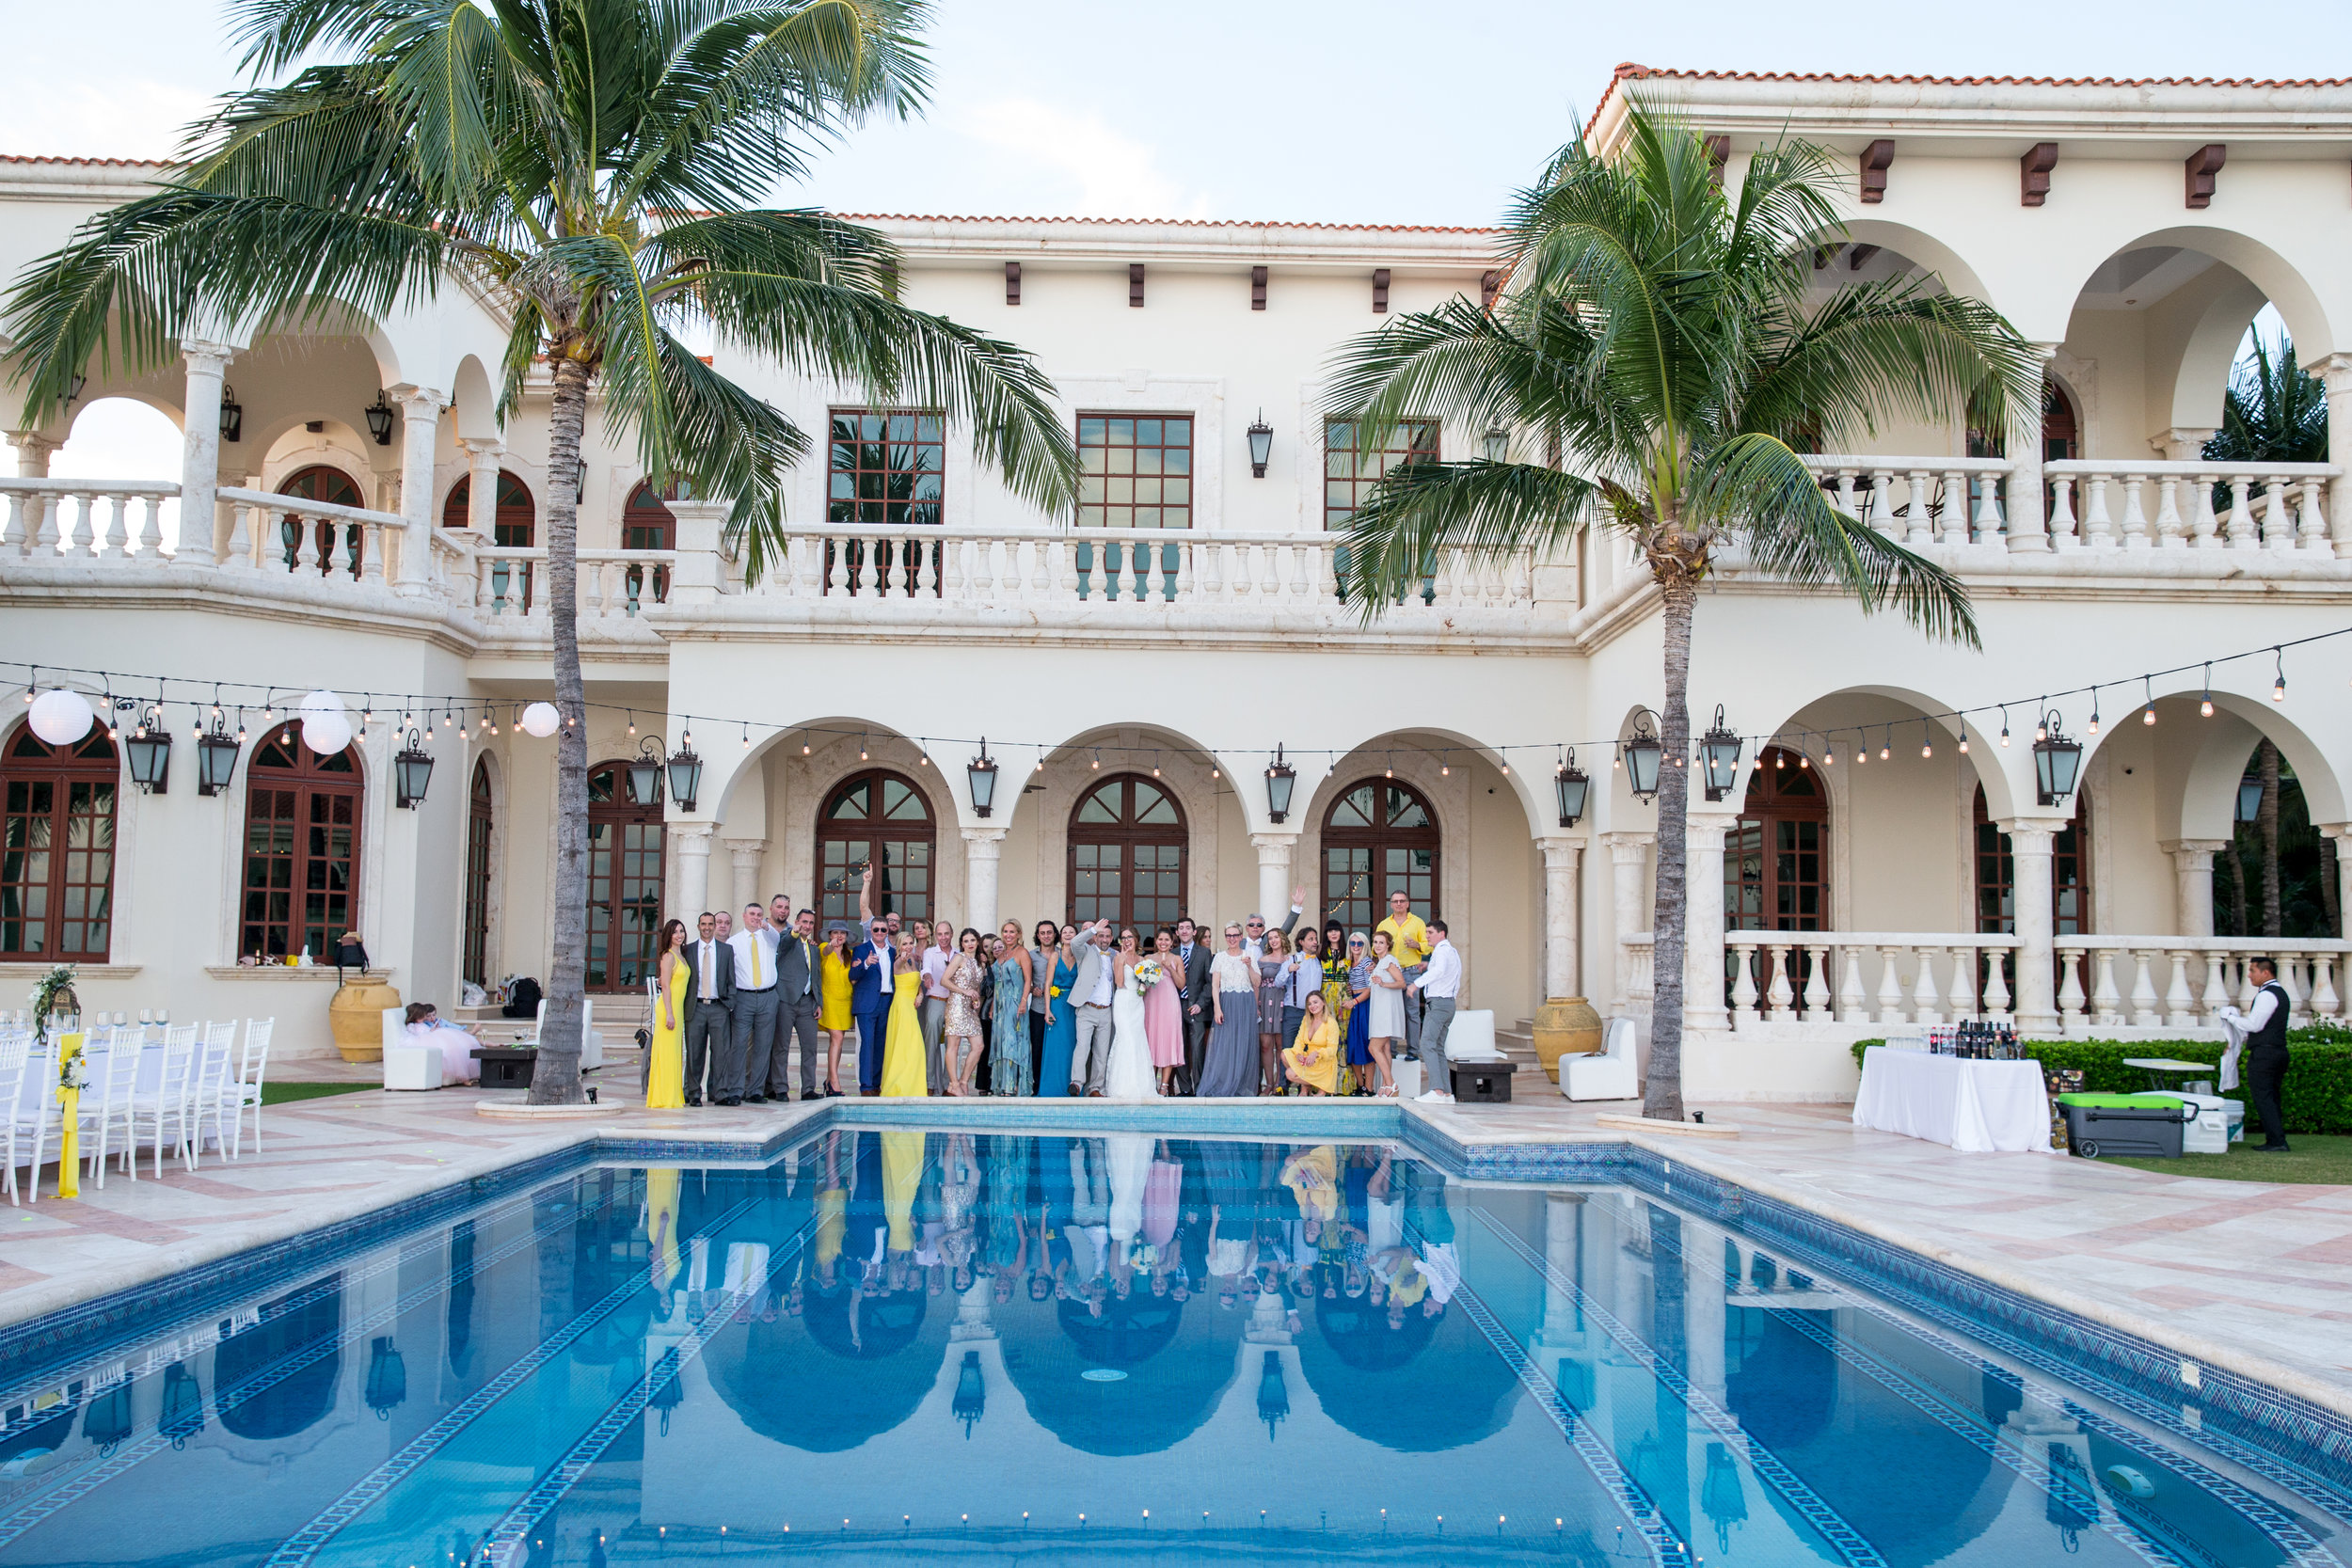 destination-wedding-venue-villa-la-joya-47.jpg